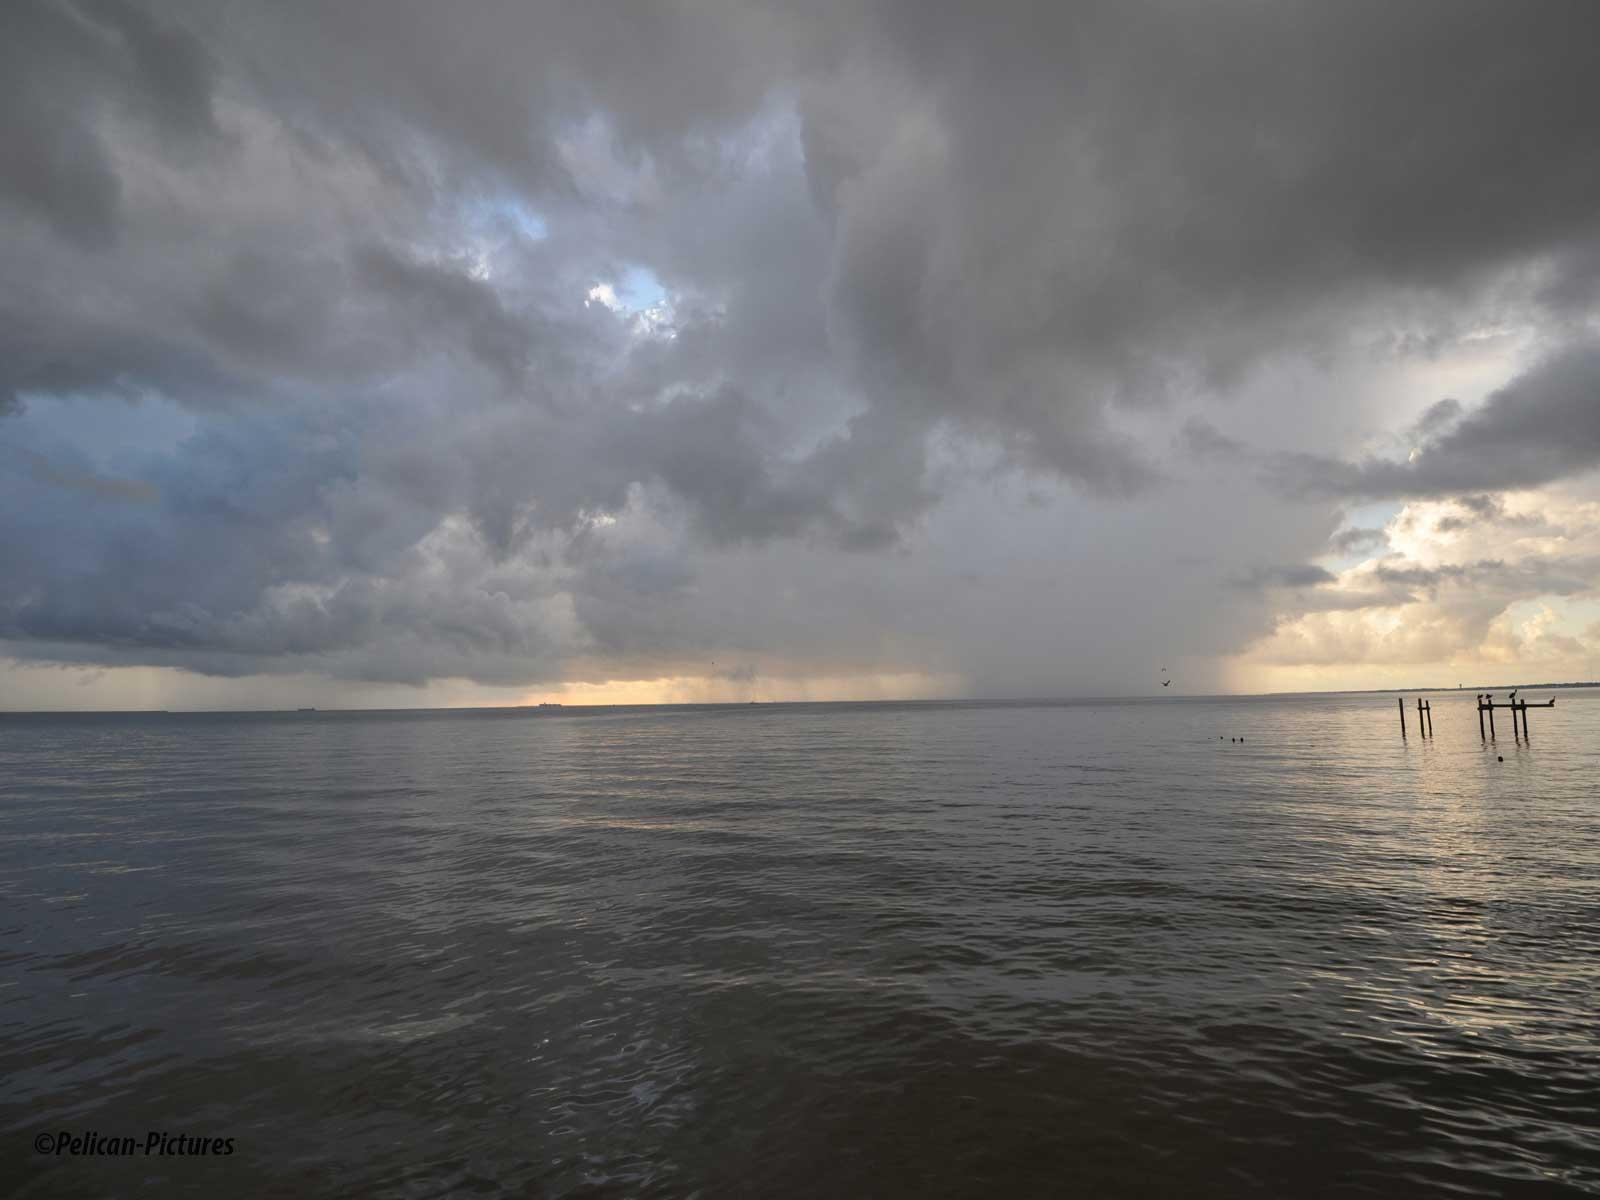 storm-over-kemah-pelican-pictures